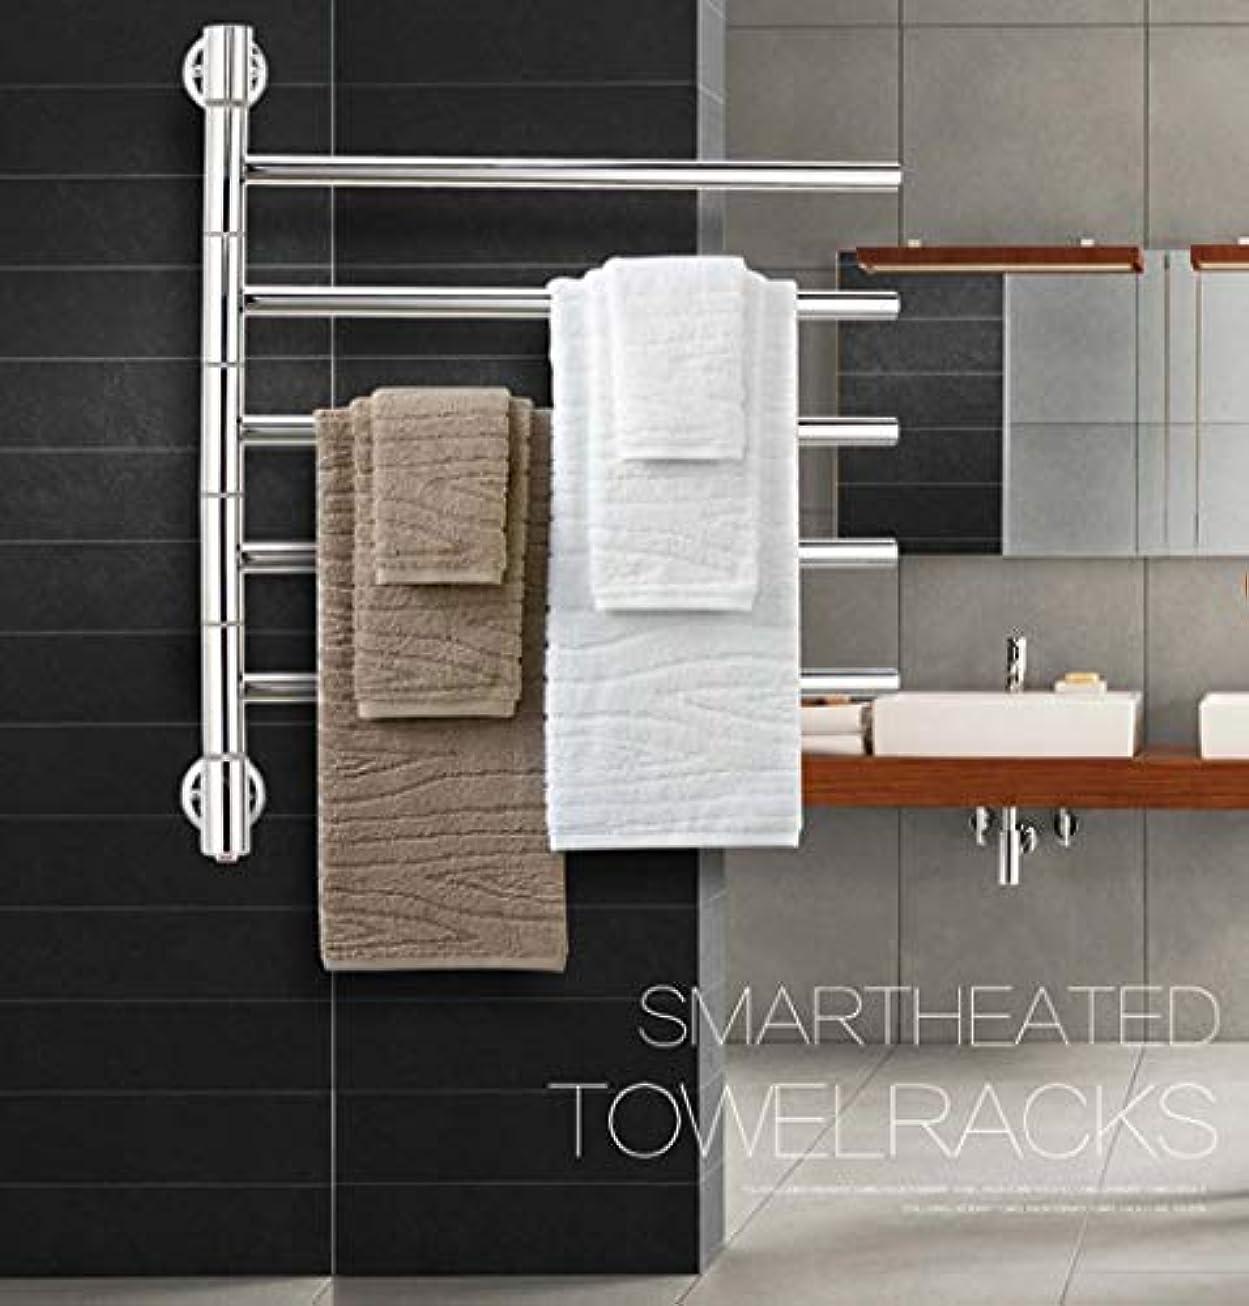 お風呂を持っている雇う換気する50Wタオルラジエーター、304ステンレススチールインテリジェント電気タオルウォーマー、バスルームラック、恒温乾燥防水および防錆64X55.5X9.9CM